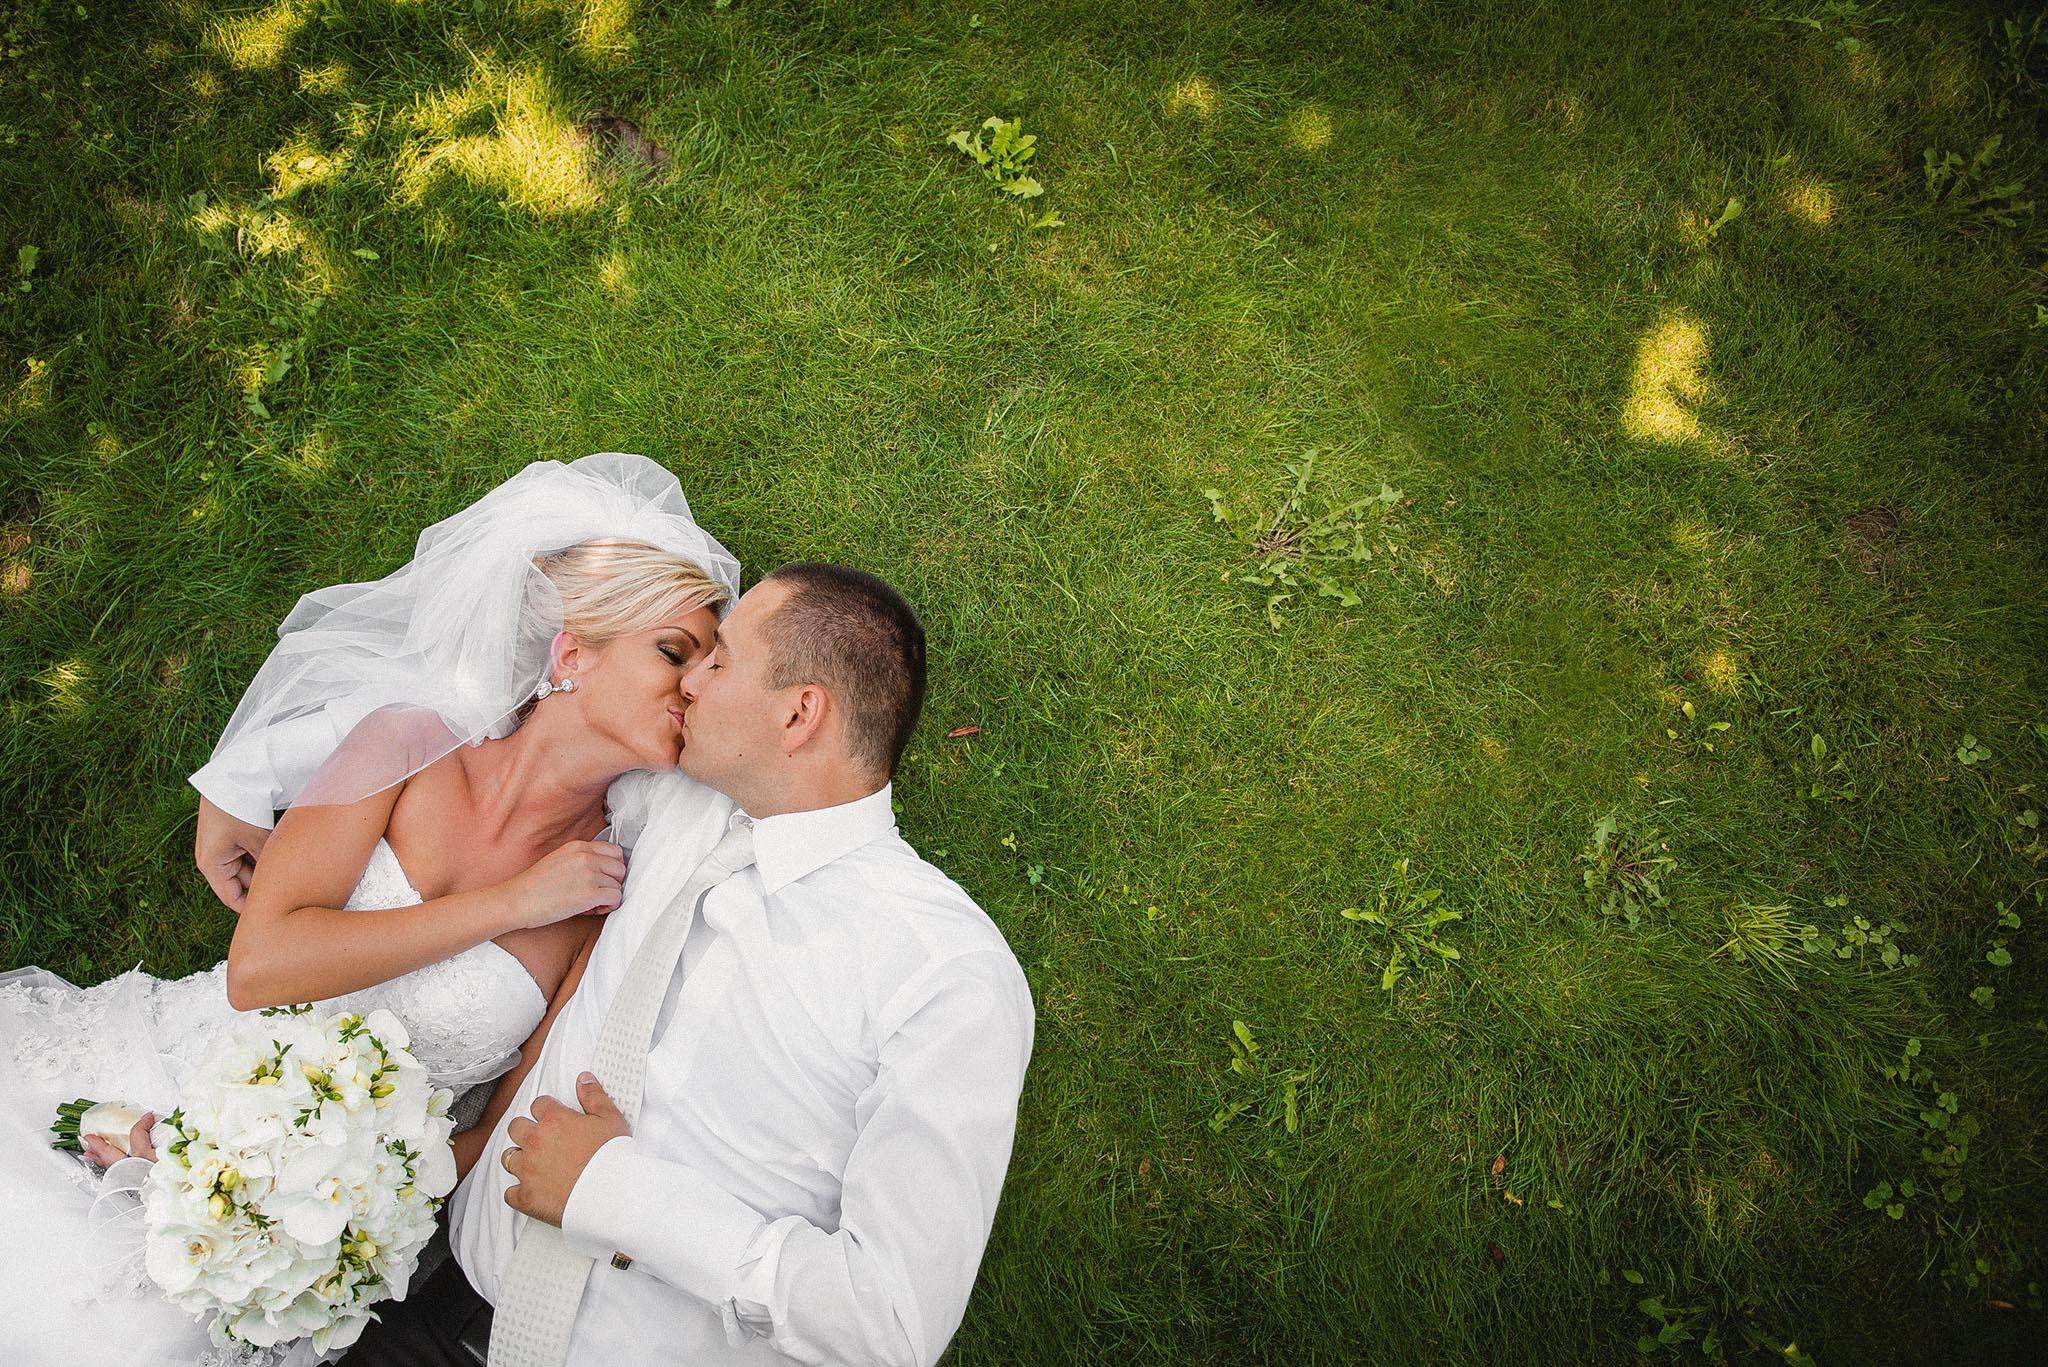 nevesta, ženích, oblek, šaty, kytica, závoj, láska, príroda, love, wedding dress, Bratislava, Trenčín, Žilina, Liptov, fotograf, kameraman, svadobné video, romantika, v tráve, bozk, pusa, kiss